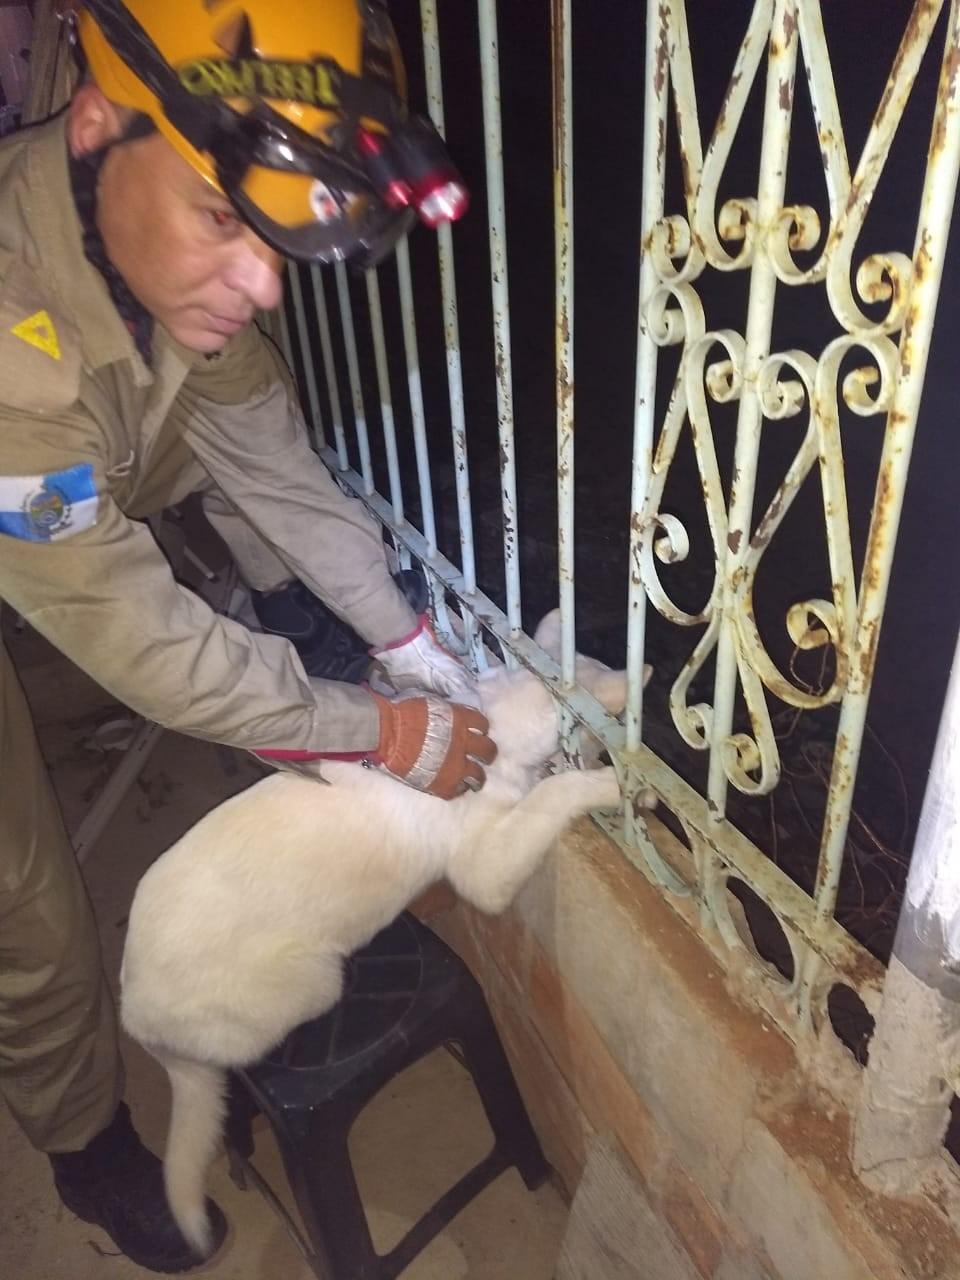 Bombeiros resgatam cachorro que ficou preso em grade em Petrópolis, no RJ - Notícias - Plantão Diário